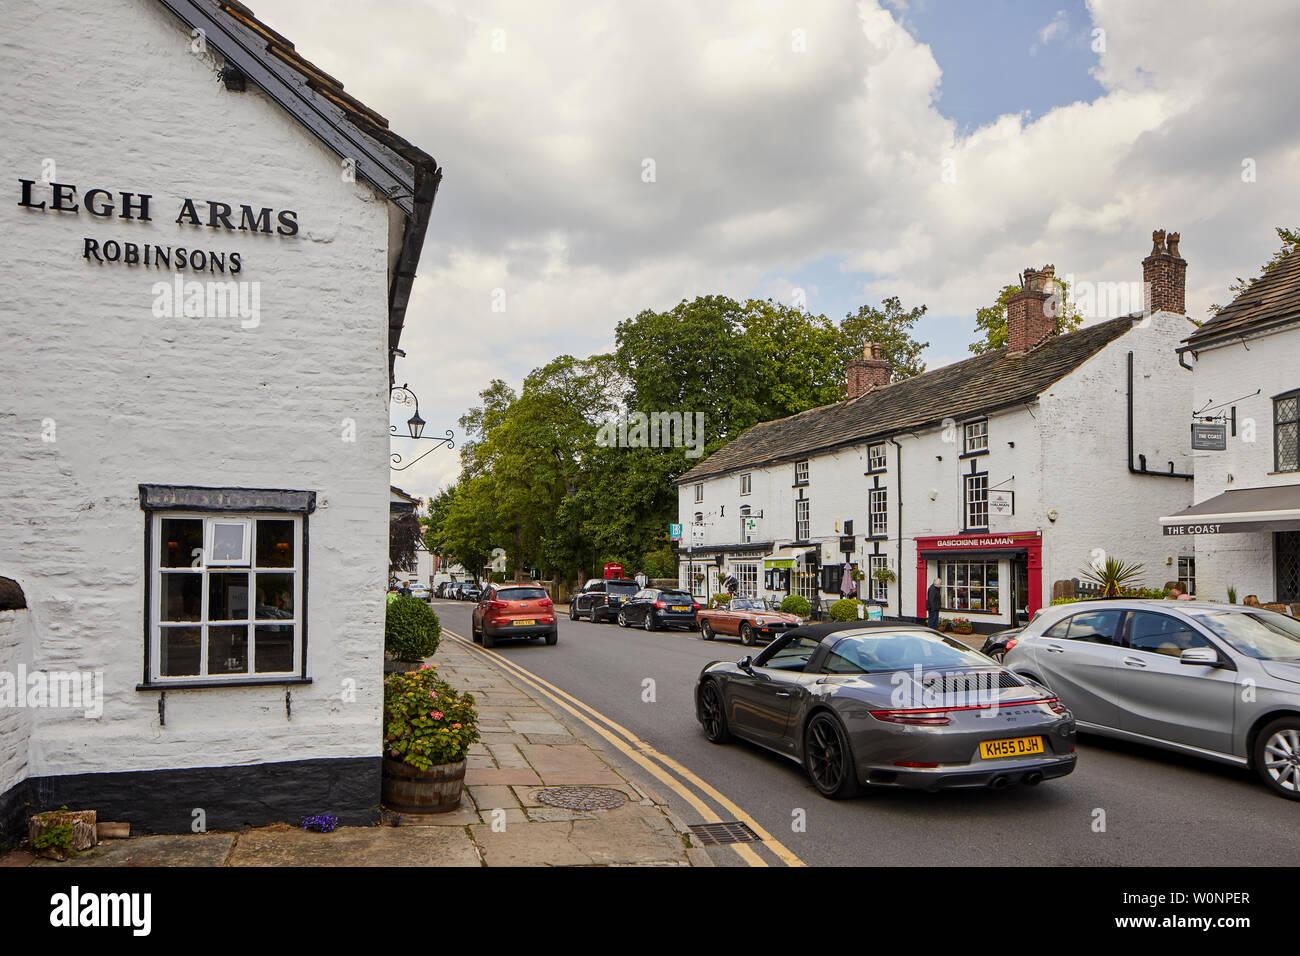 Prestbury est un village et une paroisse civile dans le Cheshire, en Angleterre. Environ 1,5 miles au Nord de Macclesfield Banque D'Images